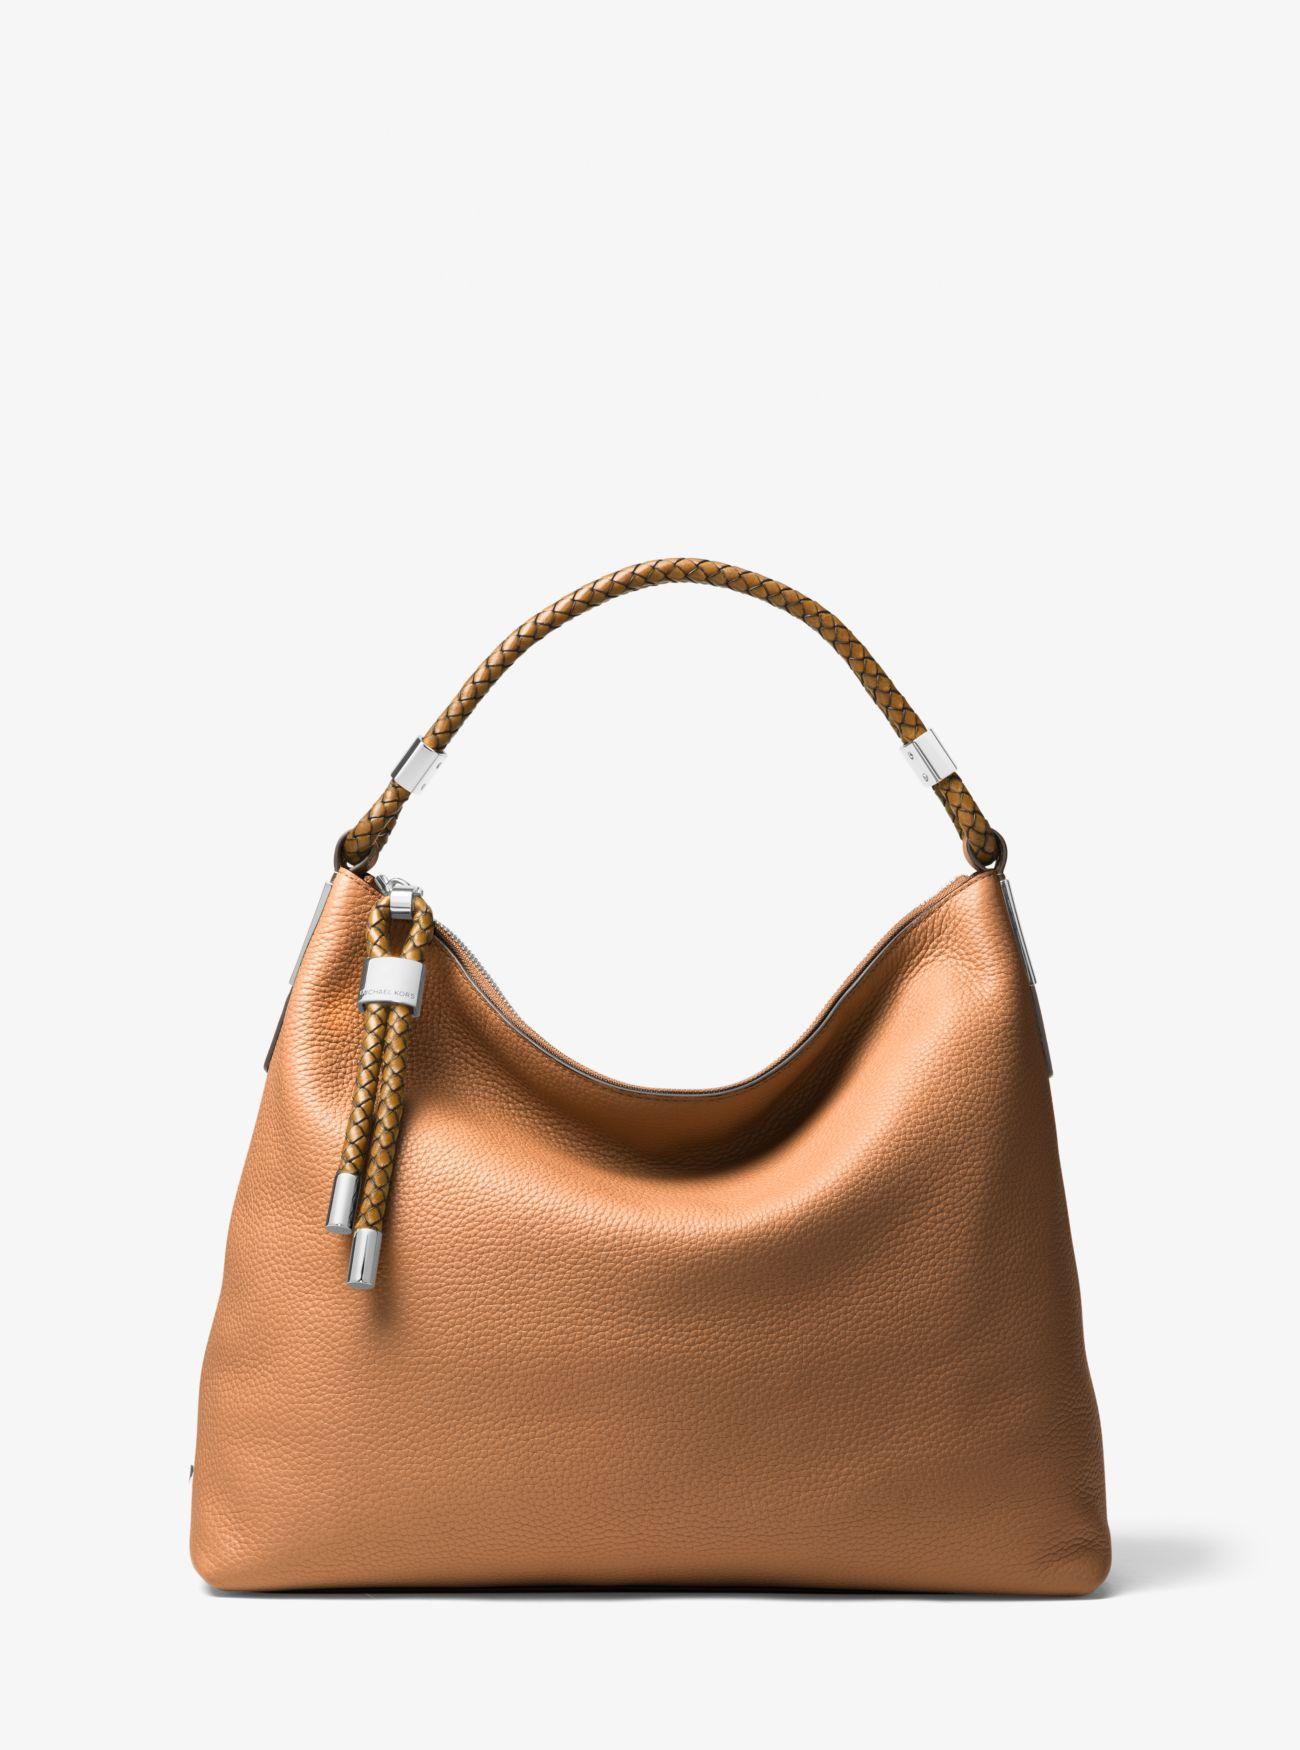 644579deae89 Skorpios Large Leather Shoulder Bag Skorpios Large Leather Shoulder Bag  Skorpios Large Leather Shoulder Bag. Michael Kors Collection